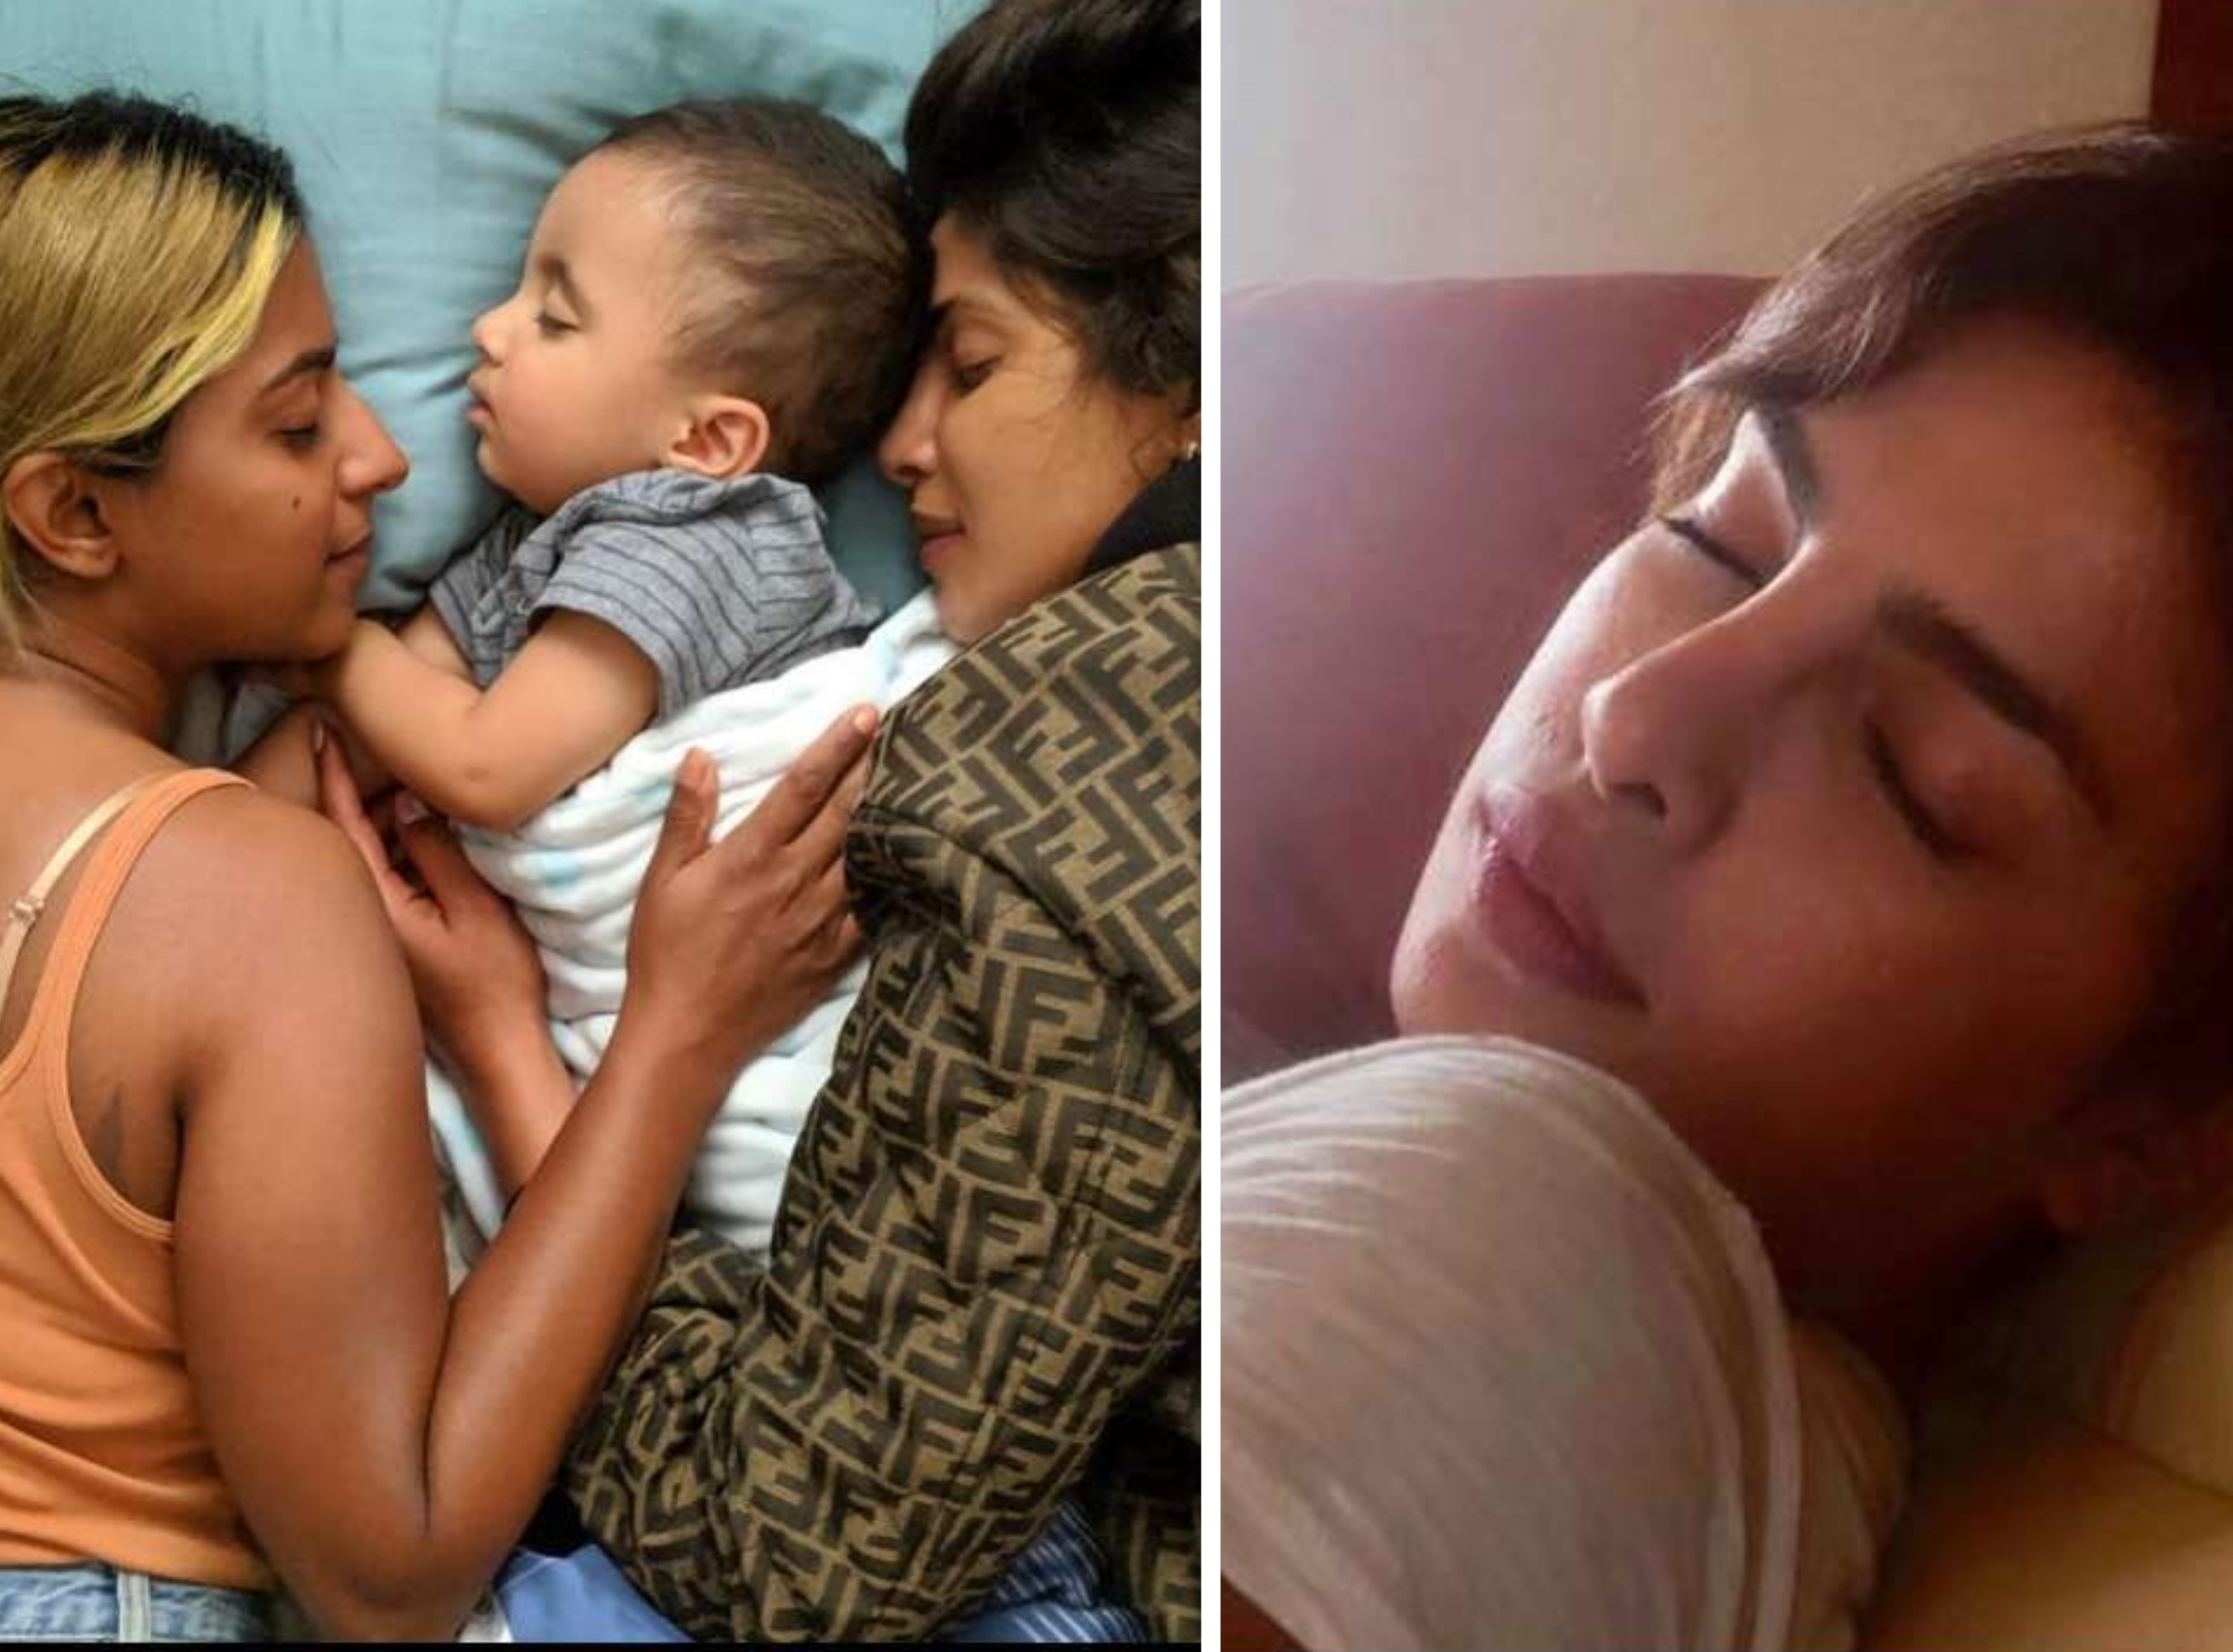 प्रियंका चोपड़ा की ये तस्वीरें  फ्लाइट और उनके घर की हैं जहां वो अपनी ब्यूटी स्लीप लेते नजर आ रही हैं। बच्चे के साथ की ये तस्वीर प्रियंका चोपड़ा ने खुद अपने इंस्टाग्राम अकाउंट से शेयर की थी।